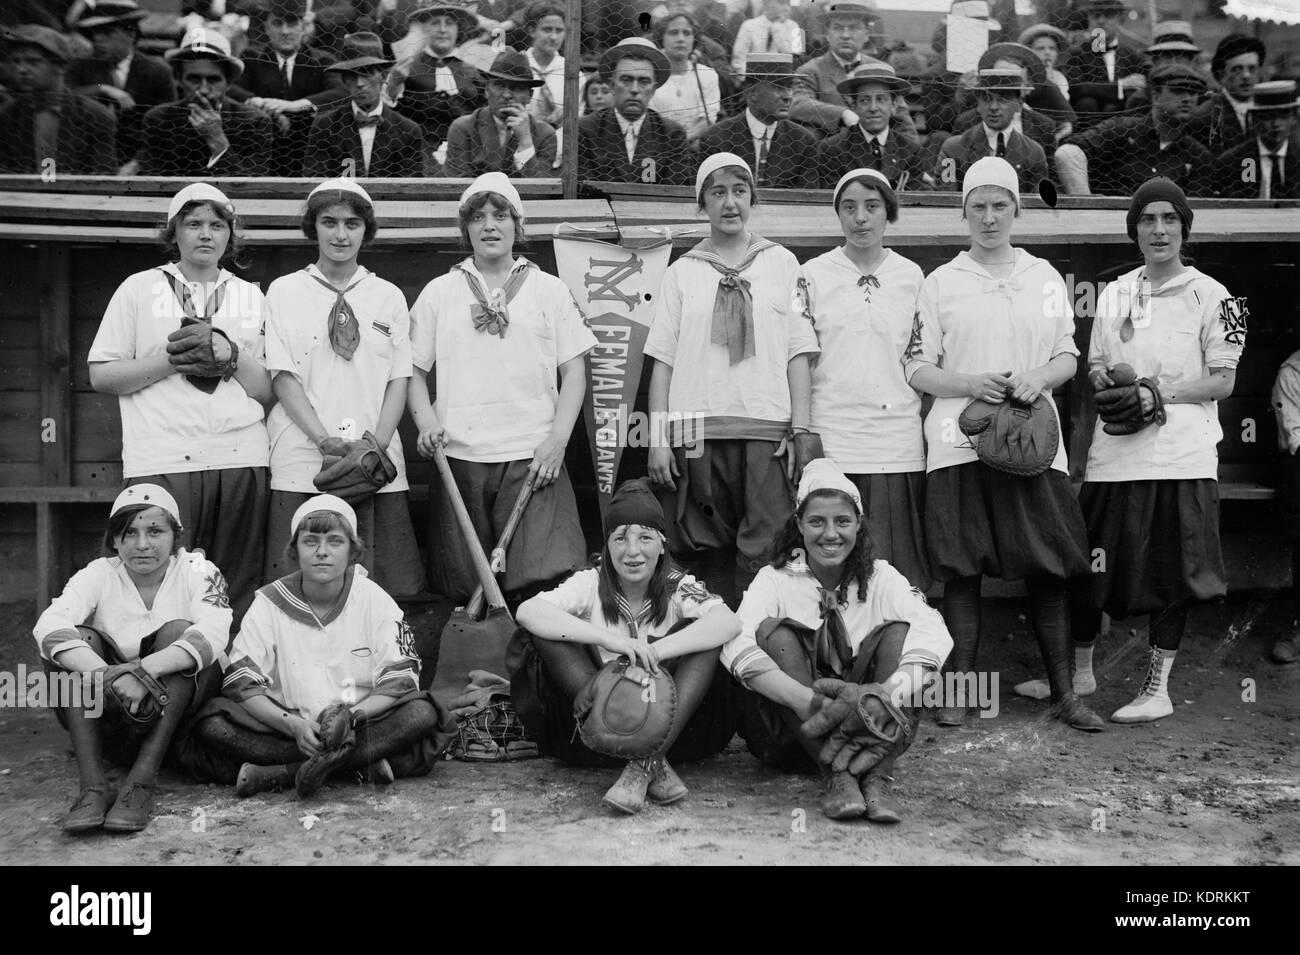 New York Female Giants baseball, 1913 - Stock Image